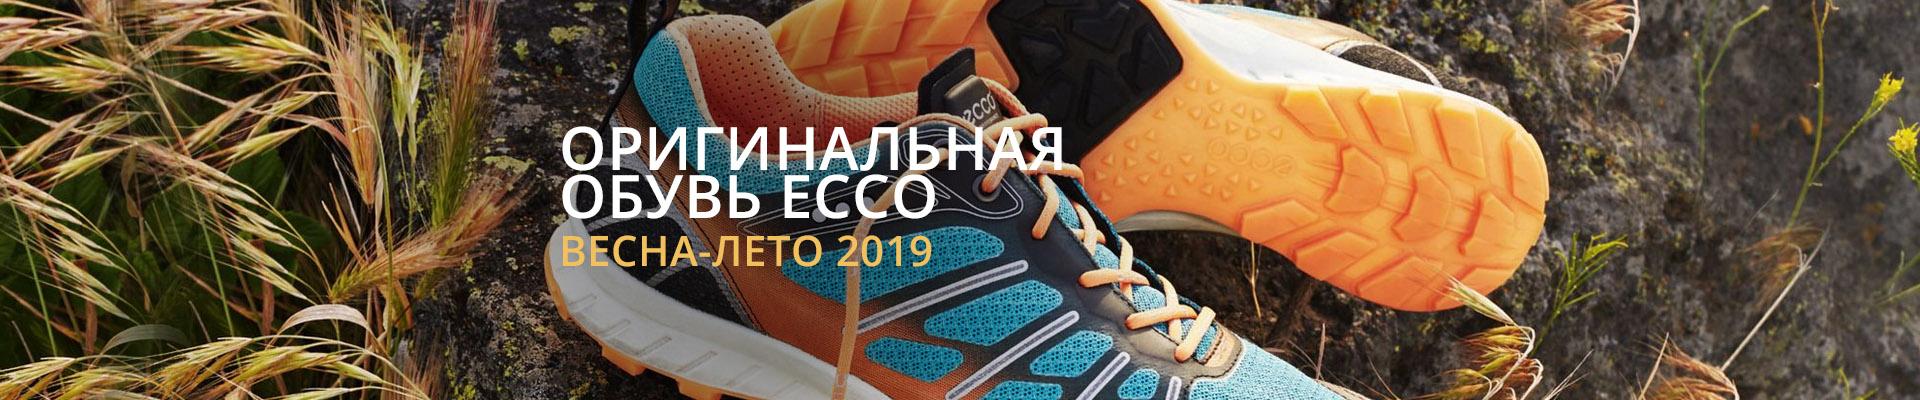 Обувь Экко – Интернет магазин E-Shoes  a0fb5015f78d9